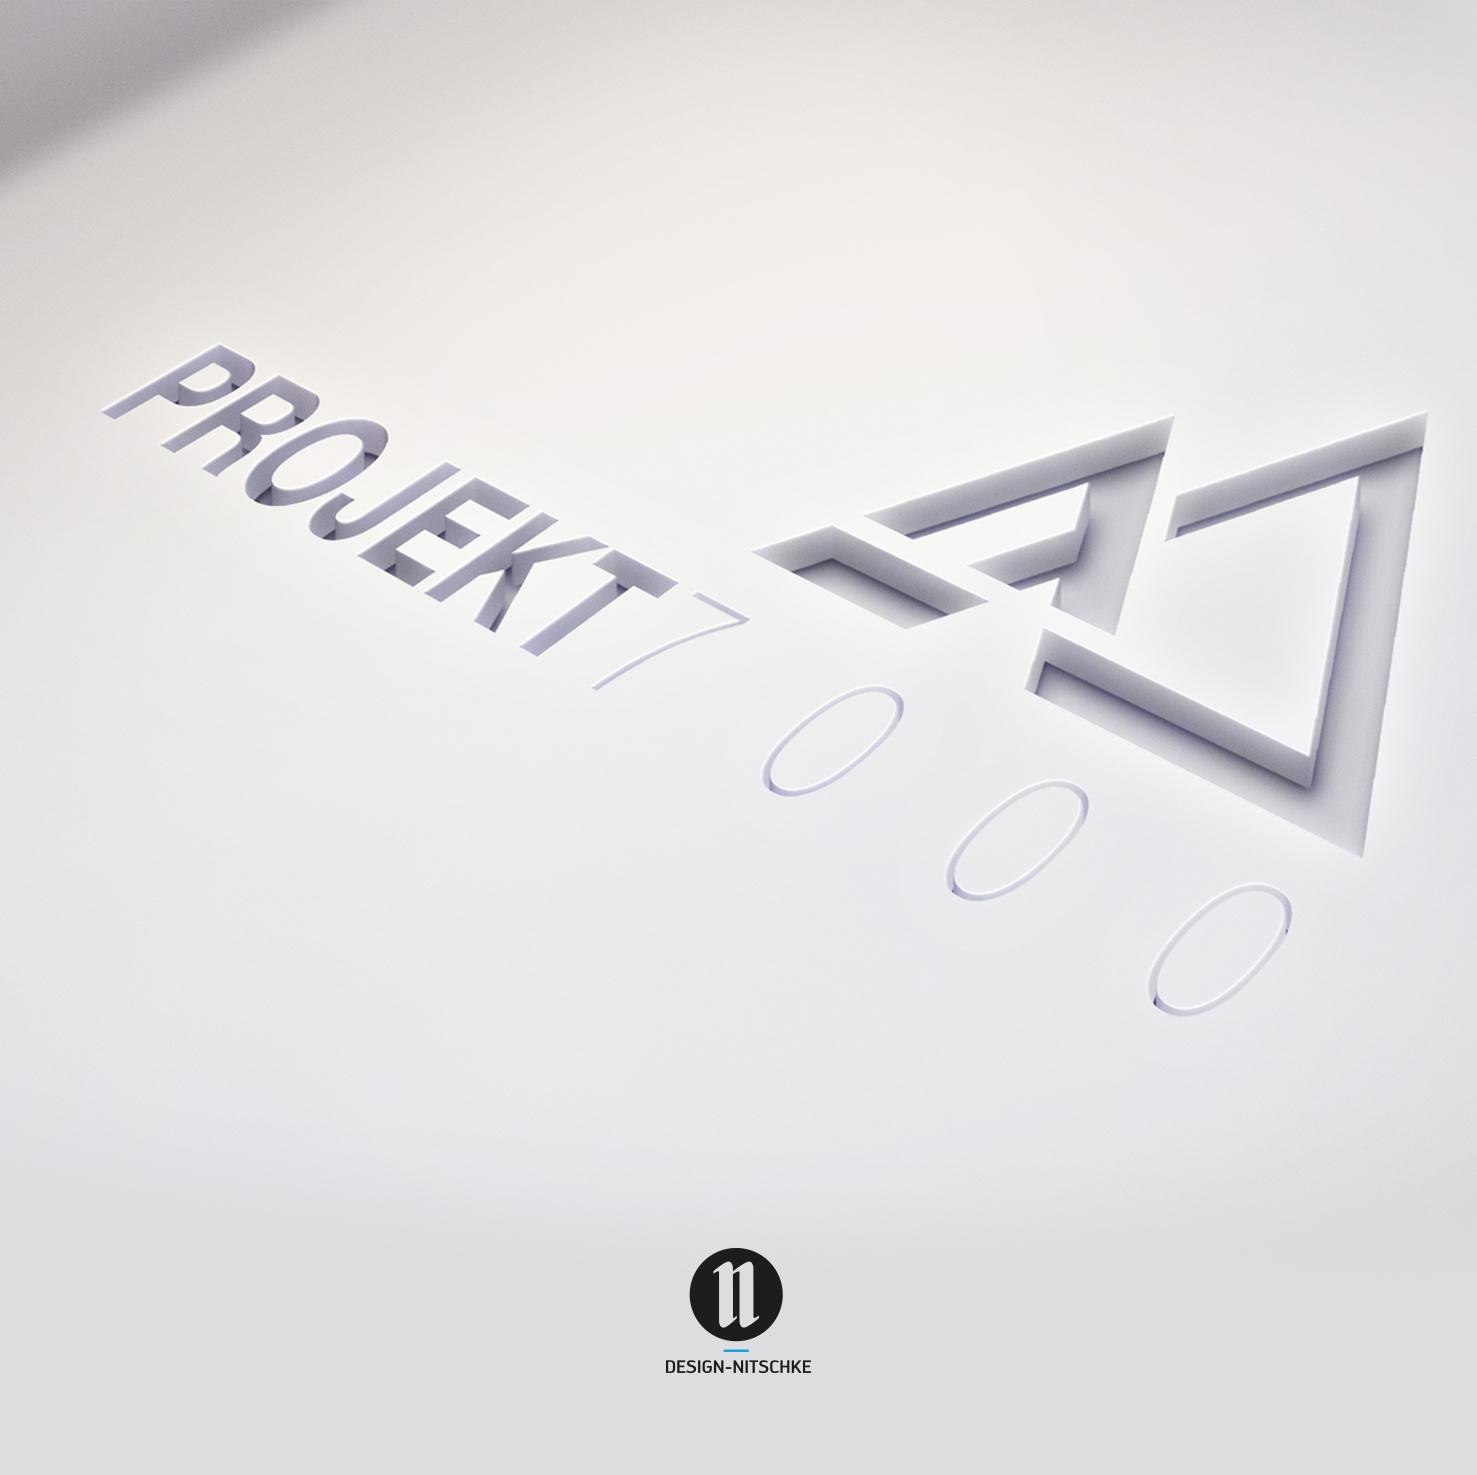 torsten_weigel_projekt7000_ci_logo_design_werbeagentur_nitschke_oranienburg_weiss_grau.jpg